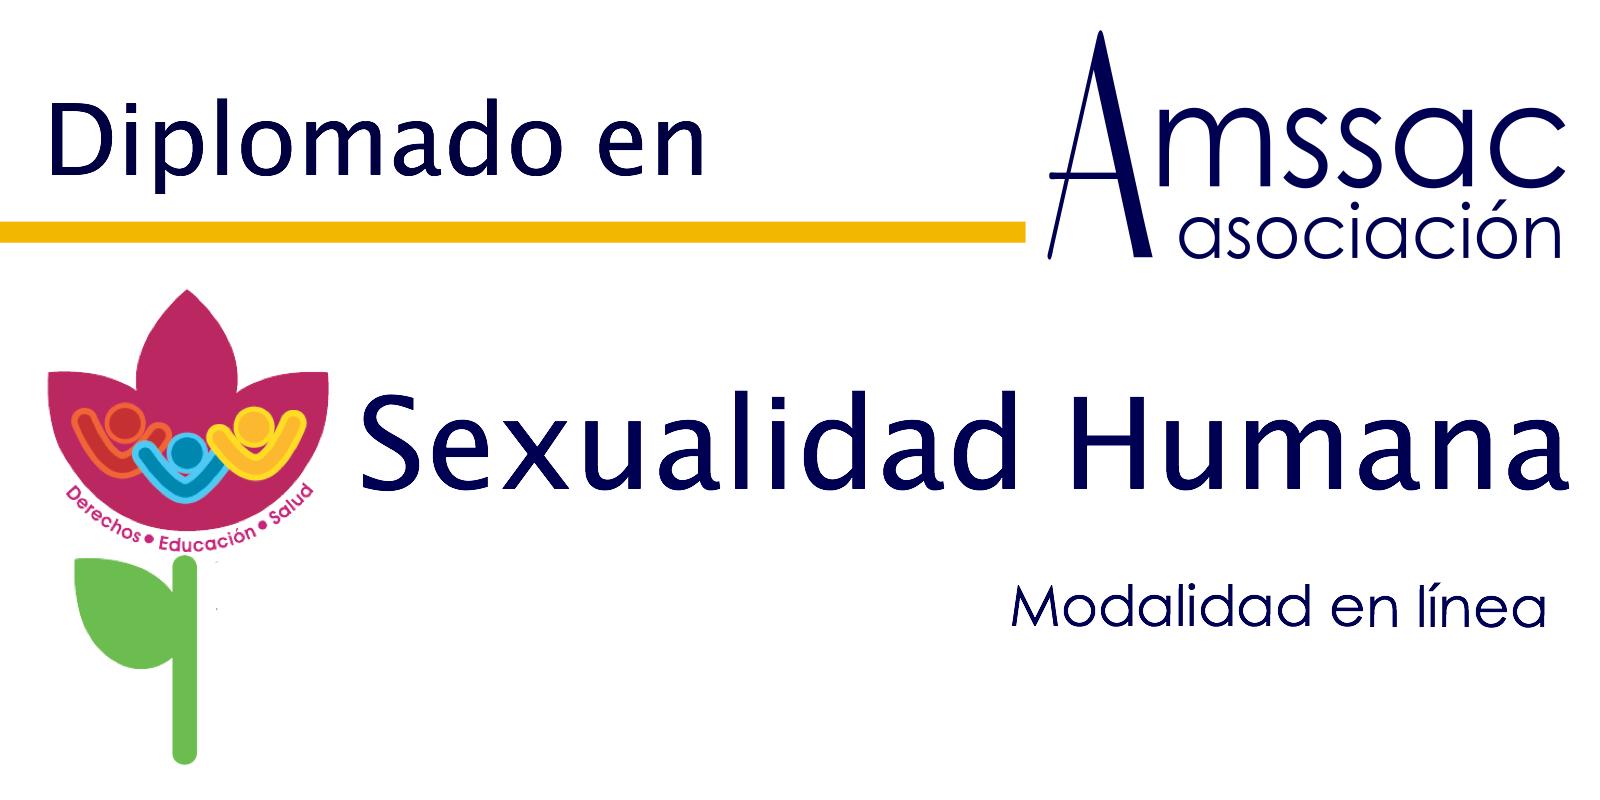 Diplomado de Sexualidad Humana | Modalidad en línea | Amssac ...